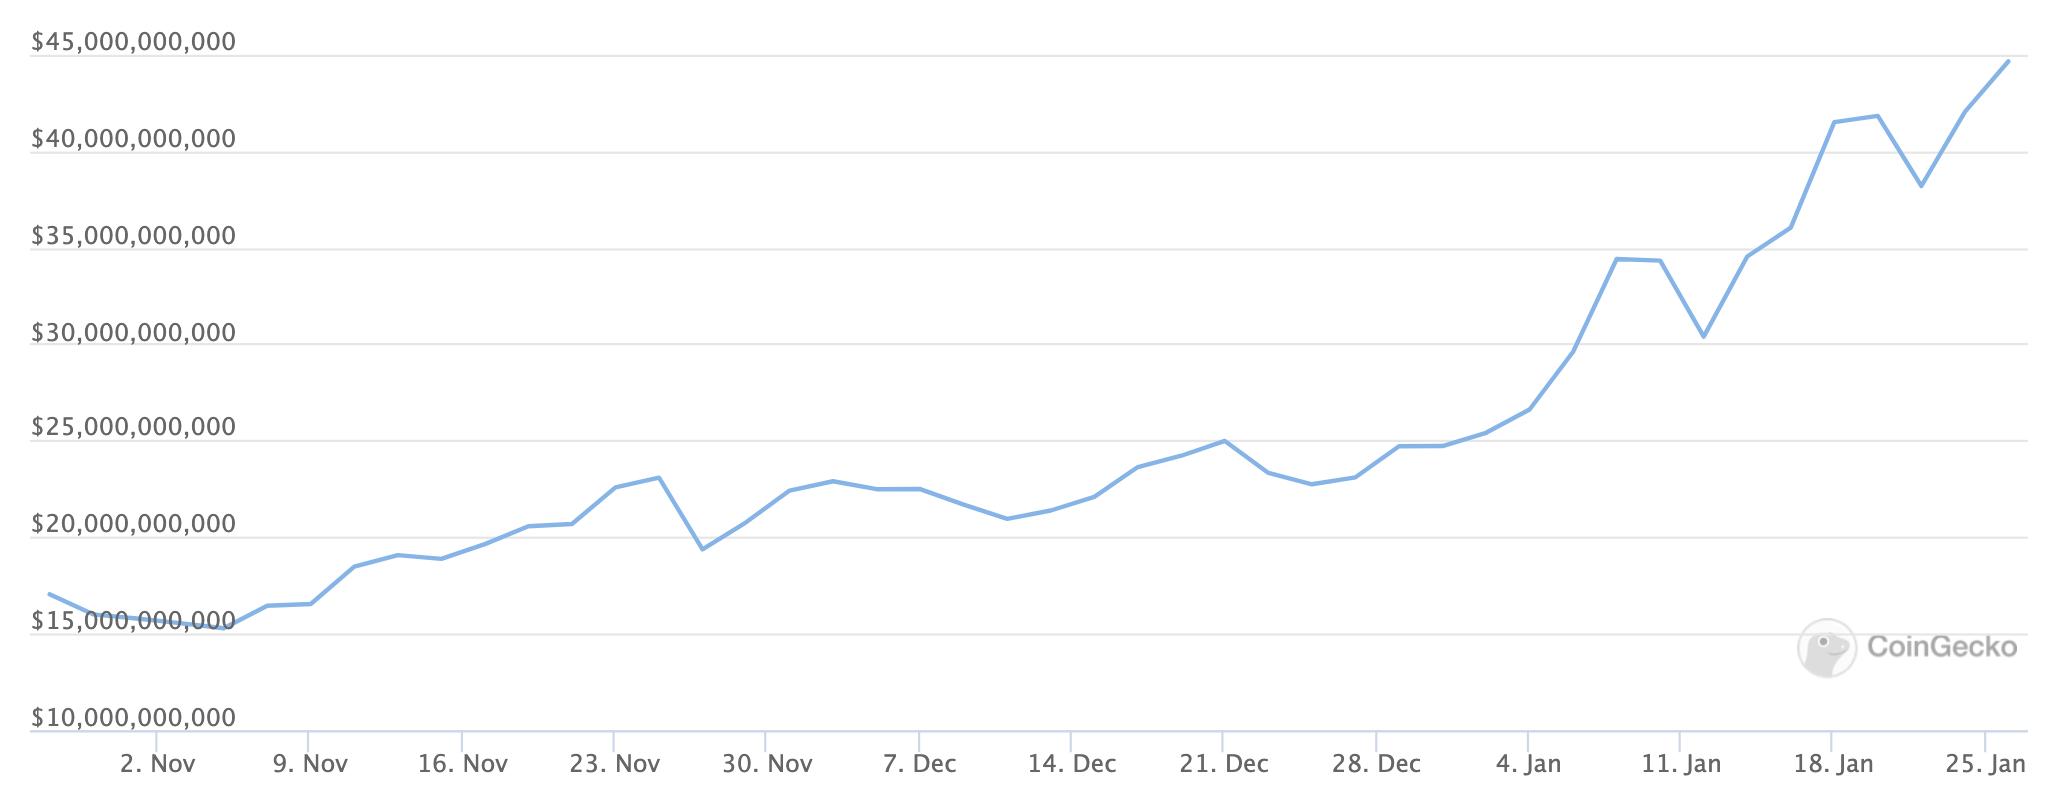 Defi Nears 30% of Ethereum's Market Cap